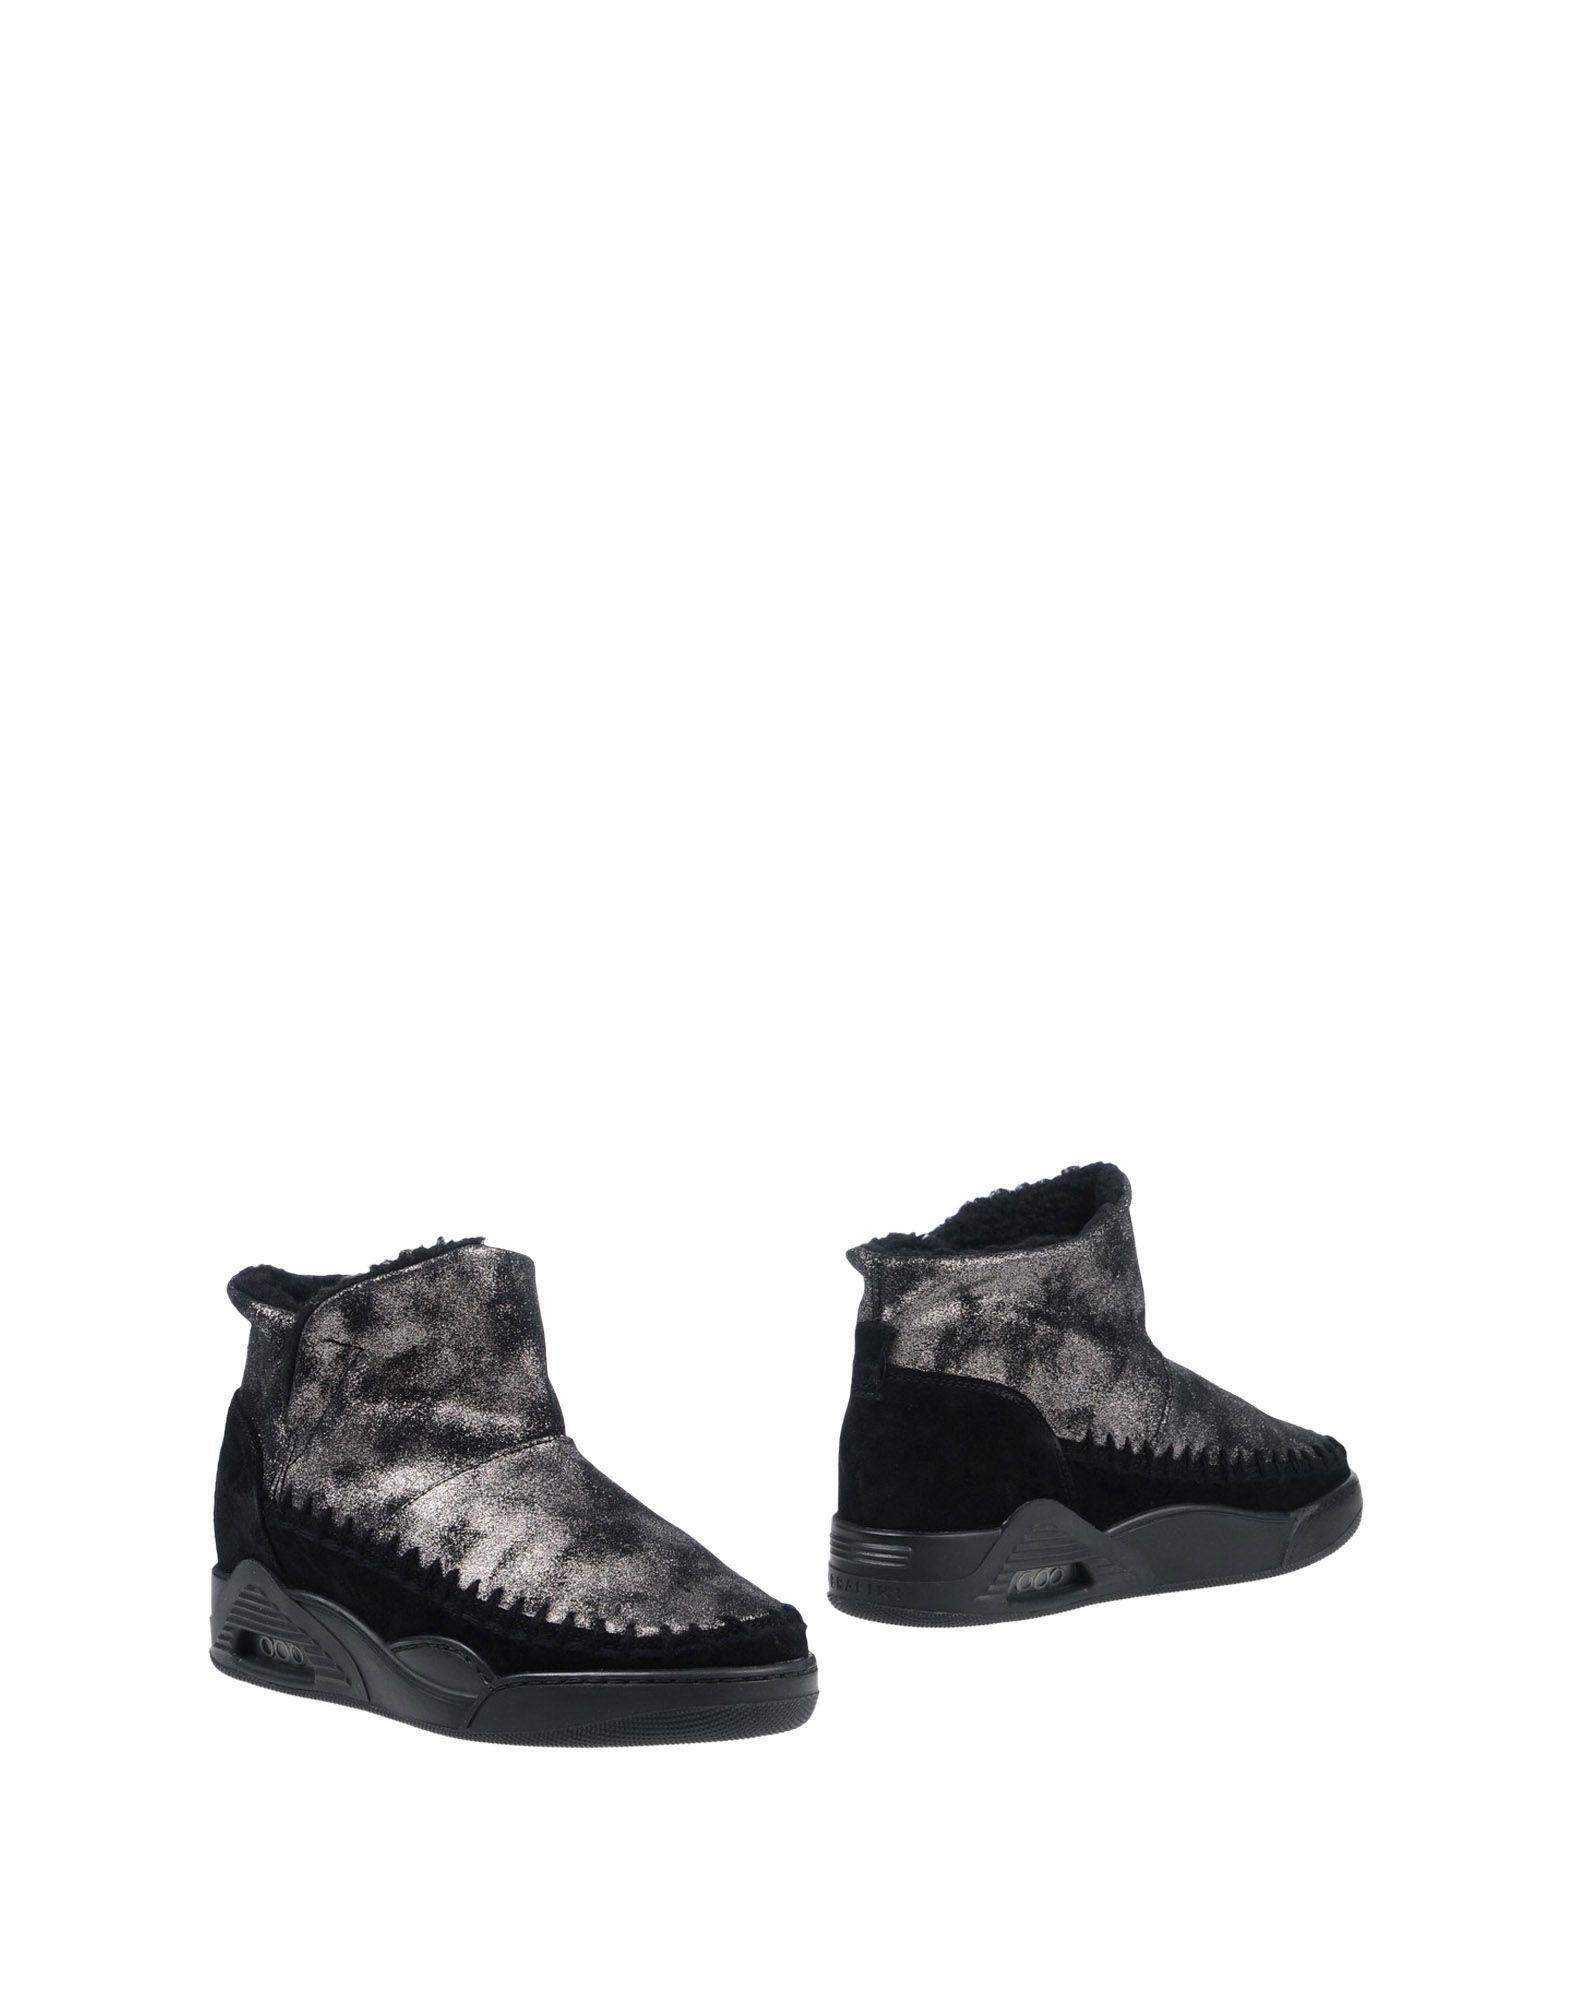 SERAFINI SPORT Полусапоги и высокие ботинки цены онлайн